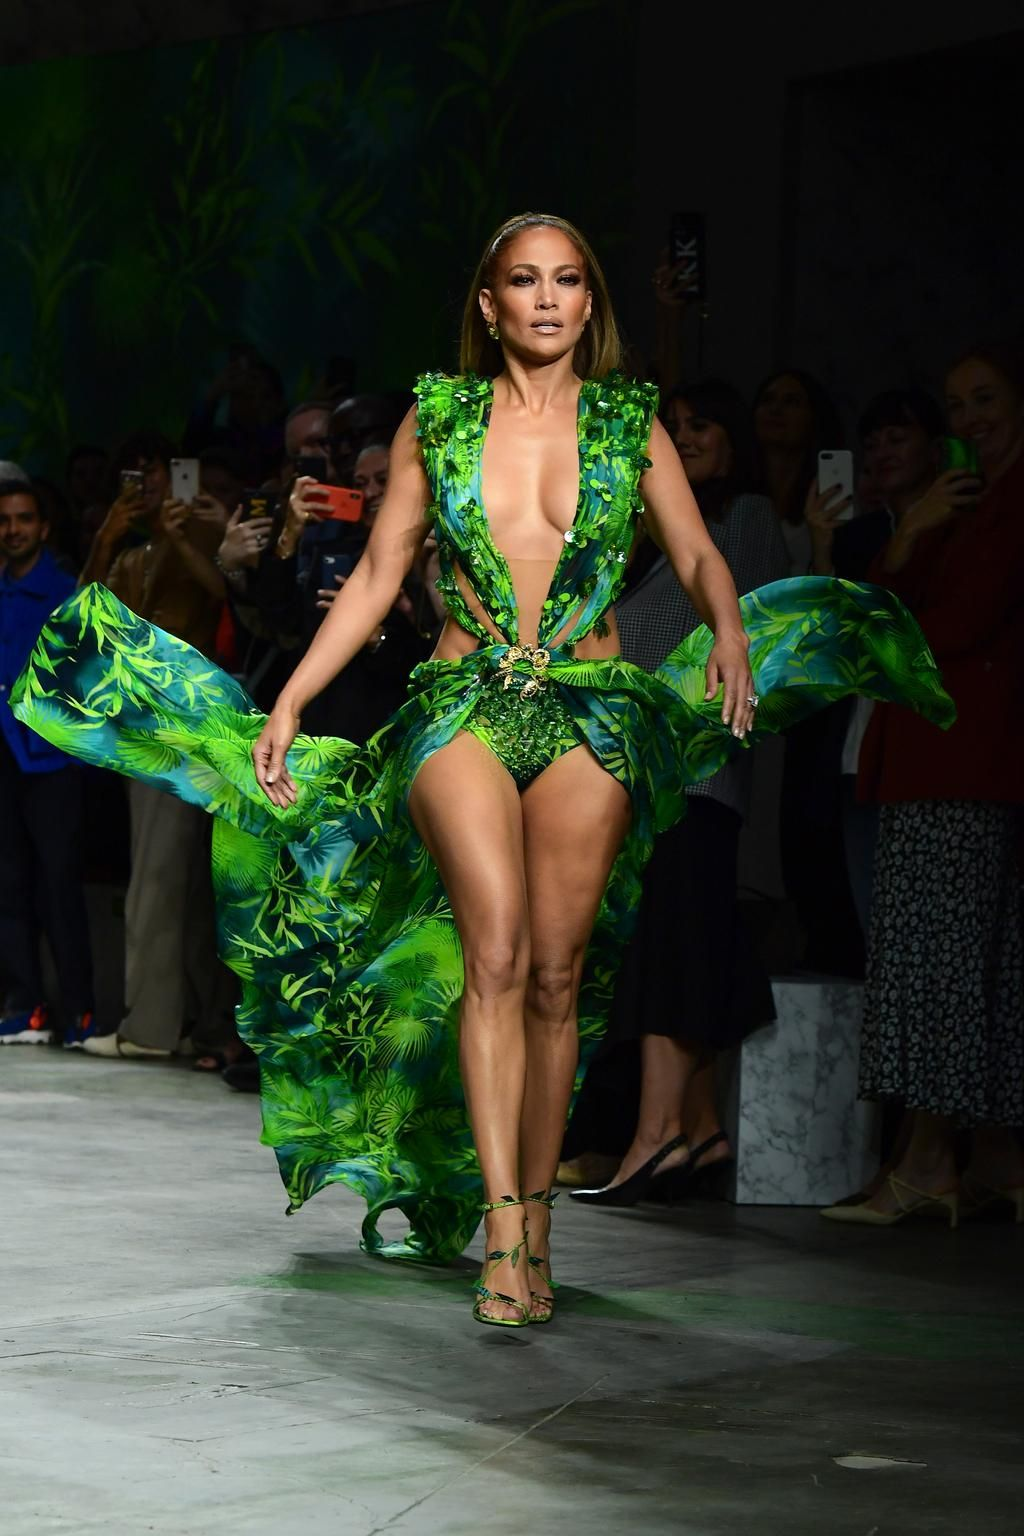 Las capitales de la moda atravesadas por la ecología